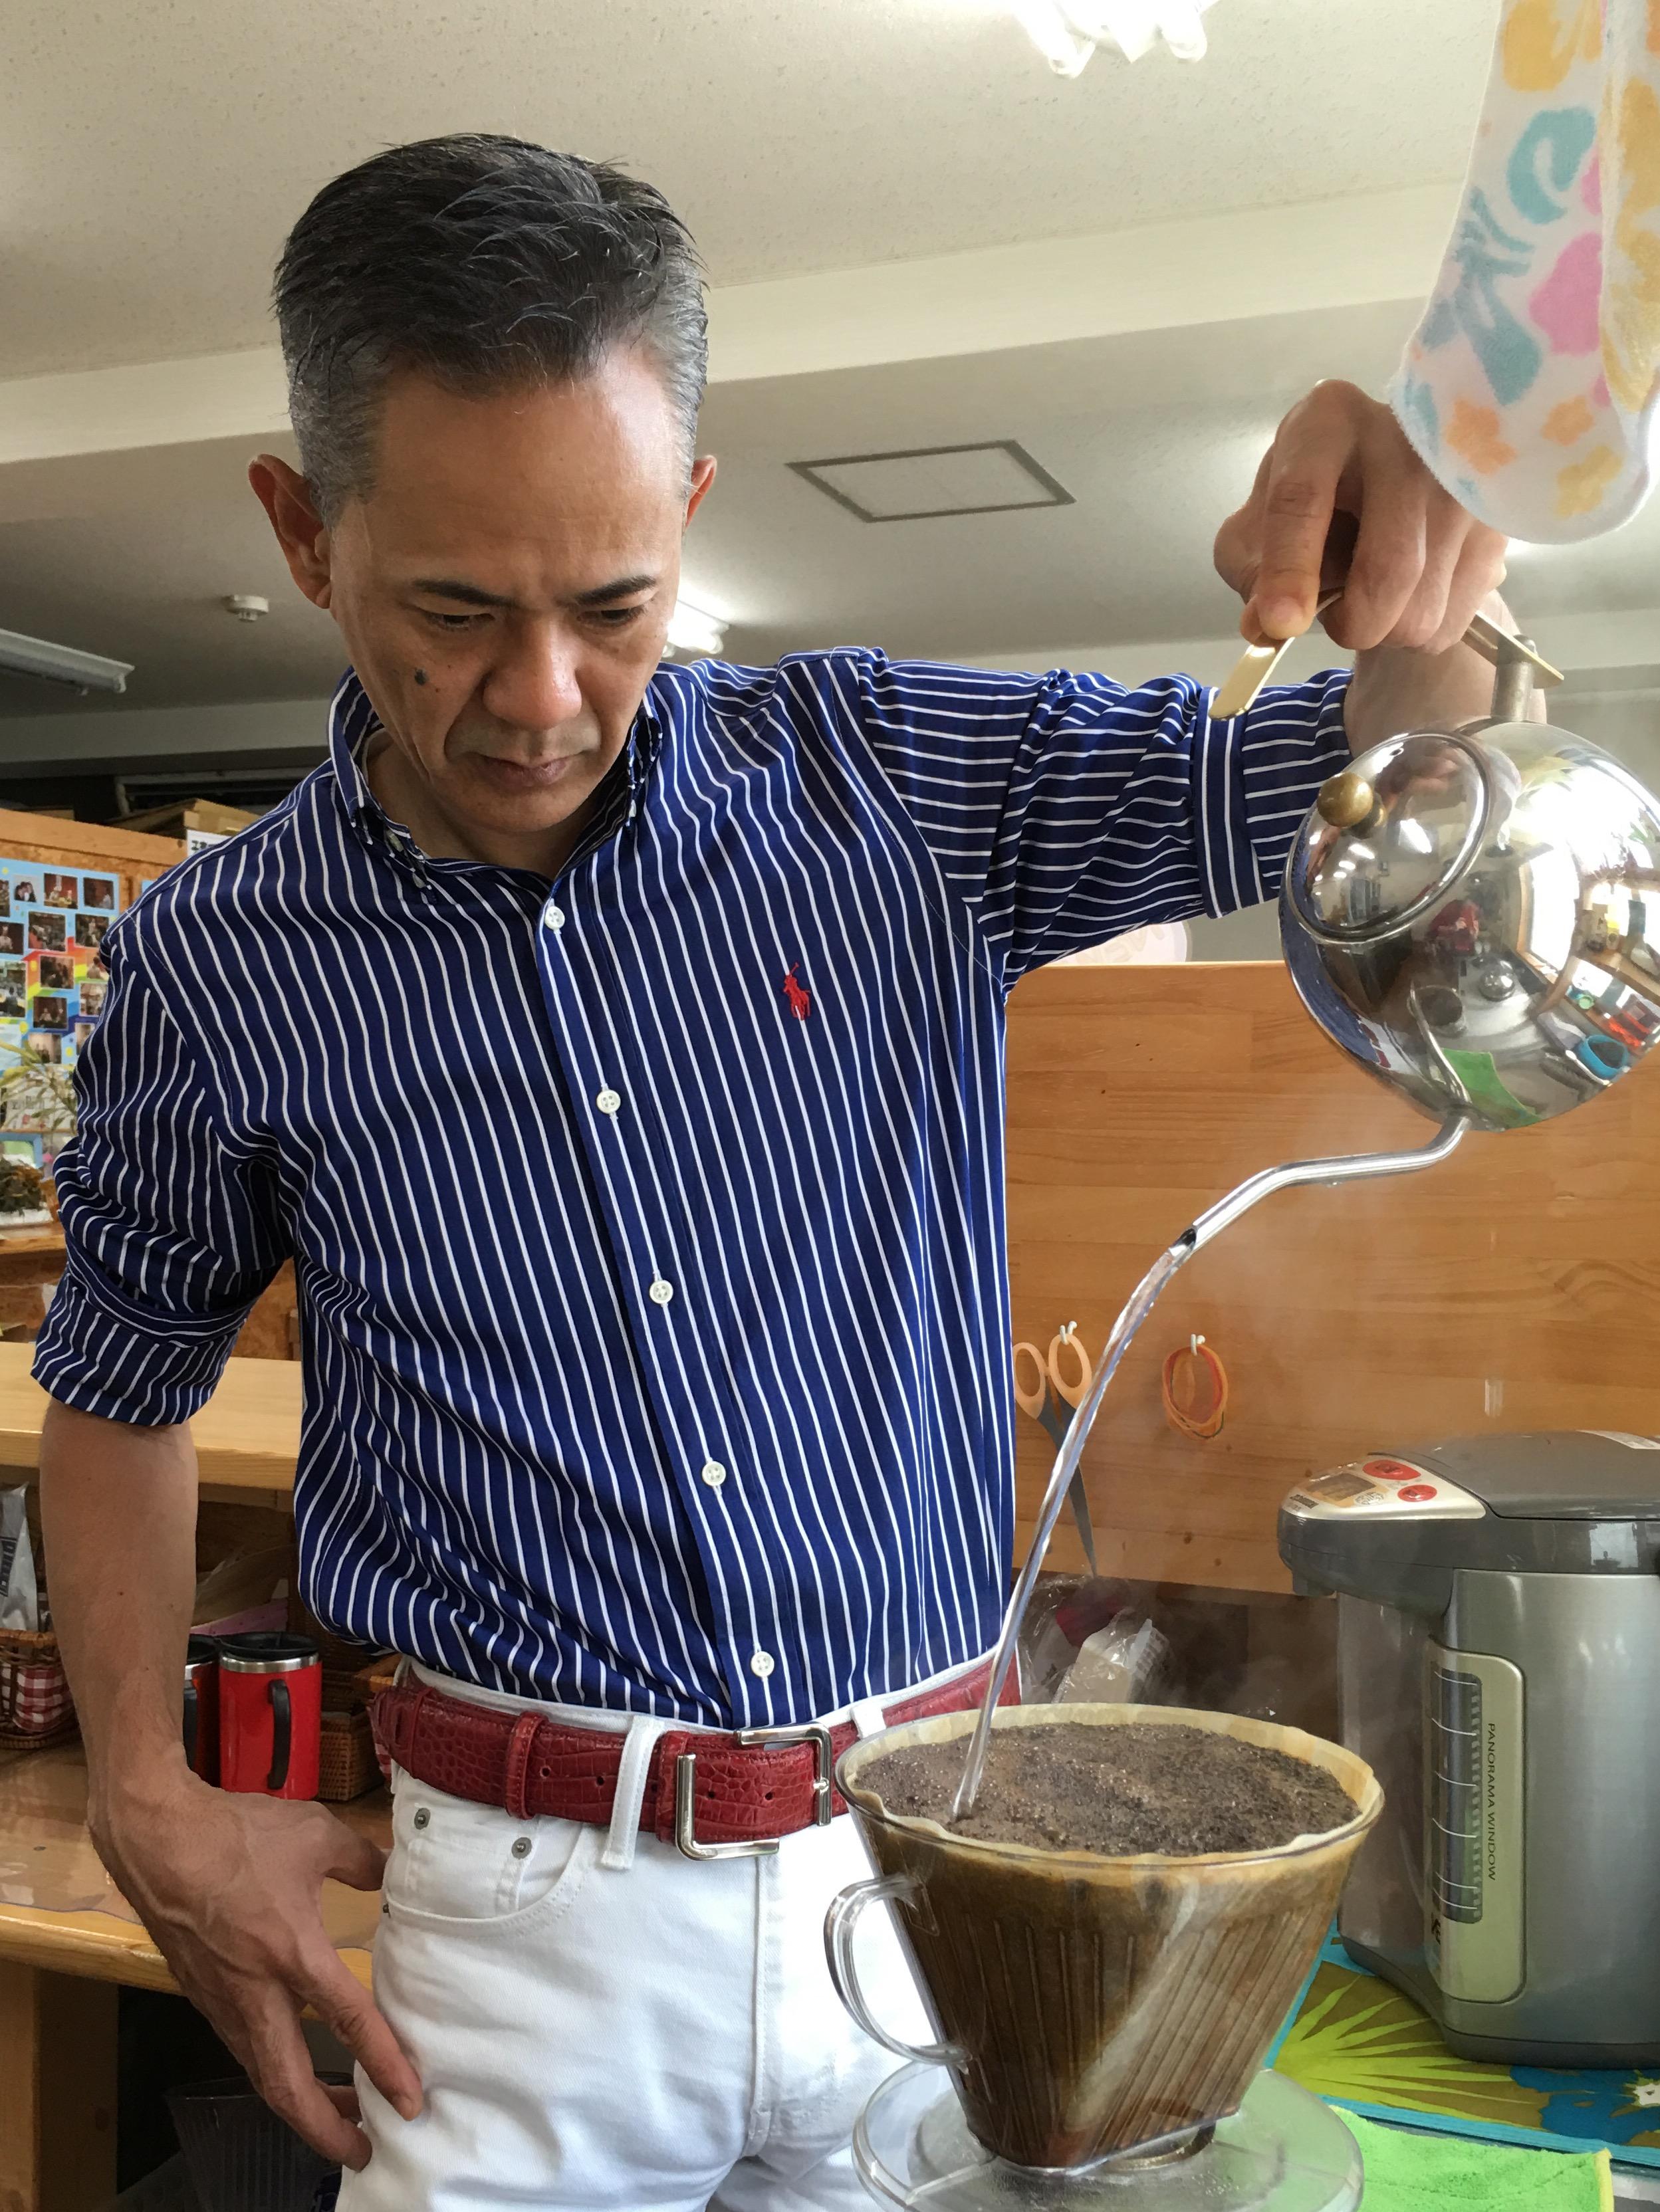 1日のはじまりは コーヒーですが 先生の淹れるコーヒーは 茶道のように その日の天候、豆の状態を感じ コーヒーと対話しているようです その姿の美しい✨こと